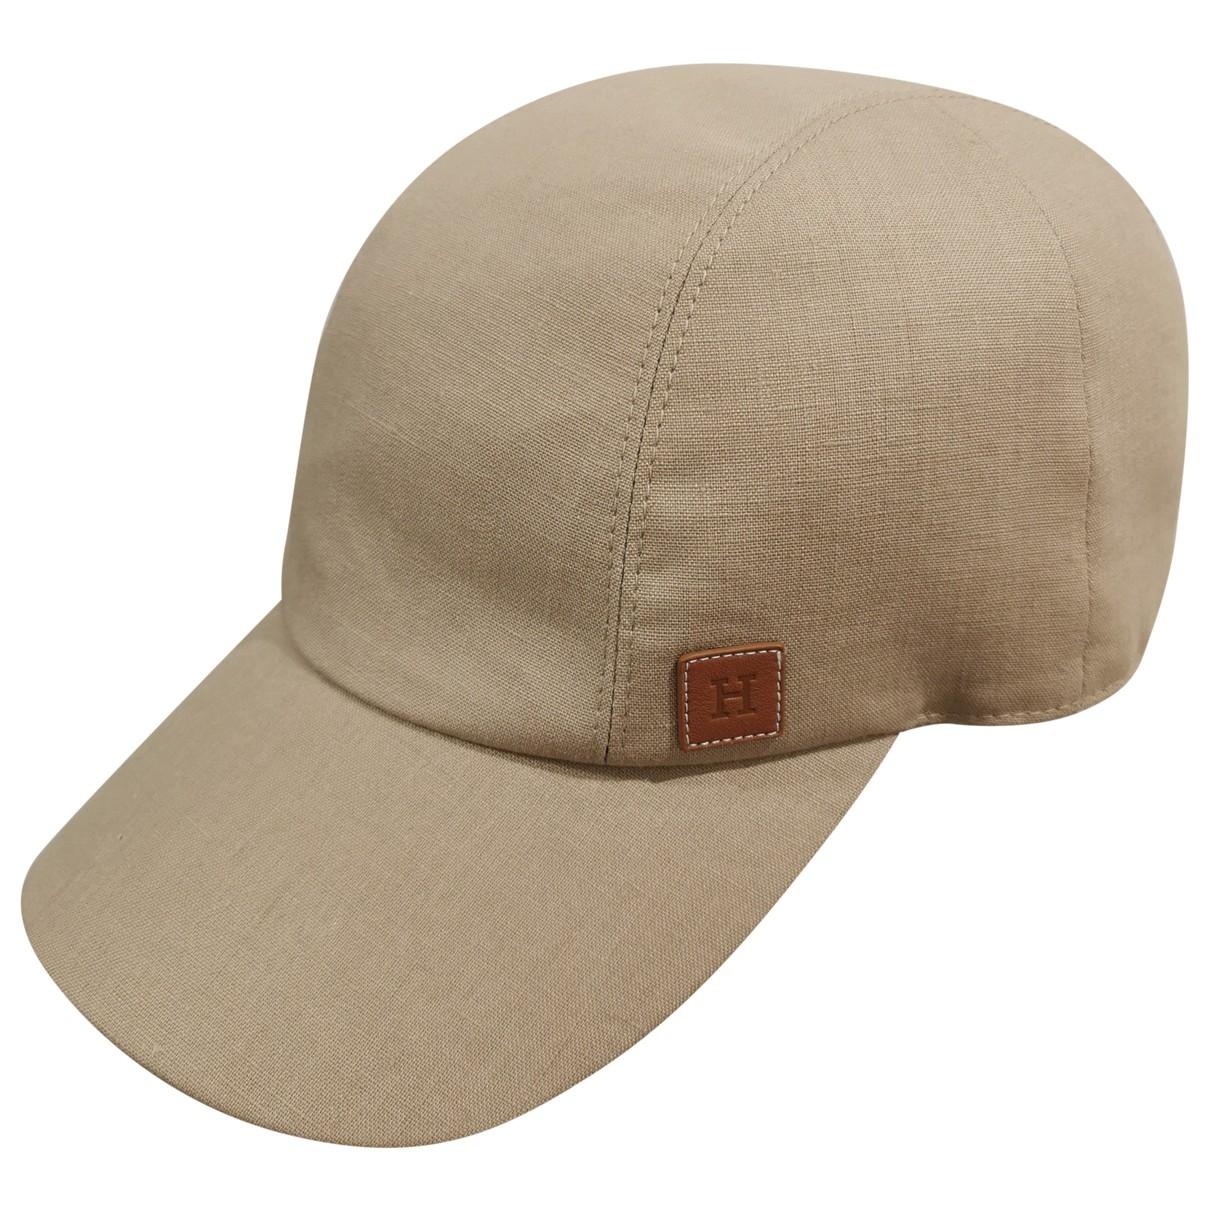 Hermès \N Beige Linen hat & pull on hat for Men 59 cm